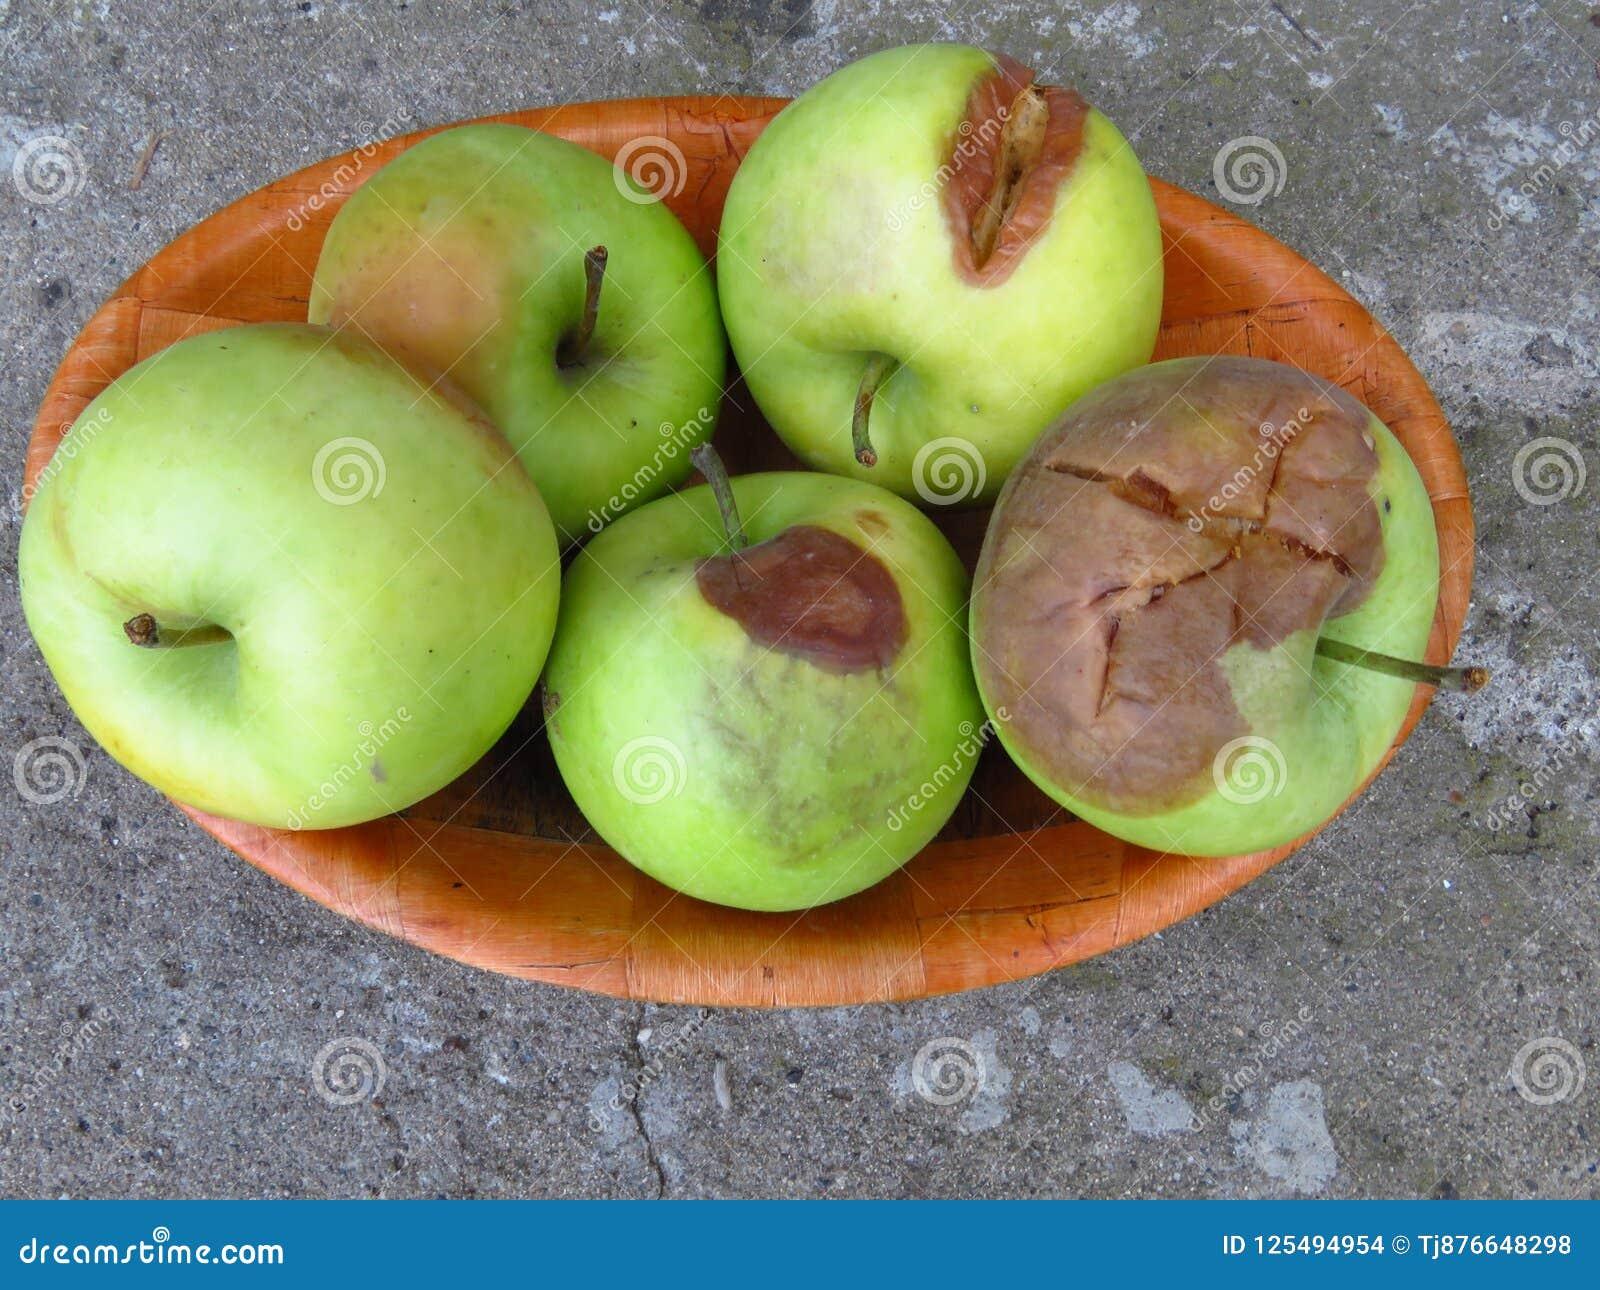 苹果计算机腐烂和其他果子腐烂真菌 腐烂的苹果